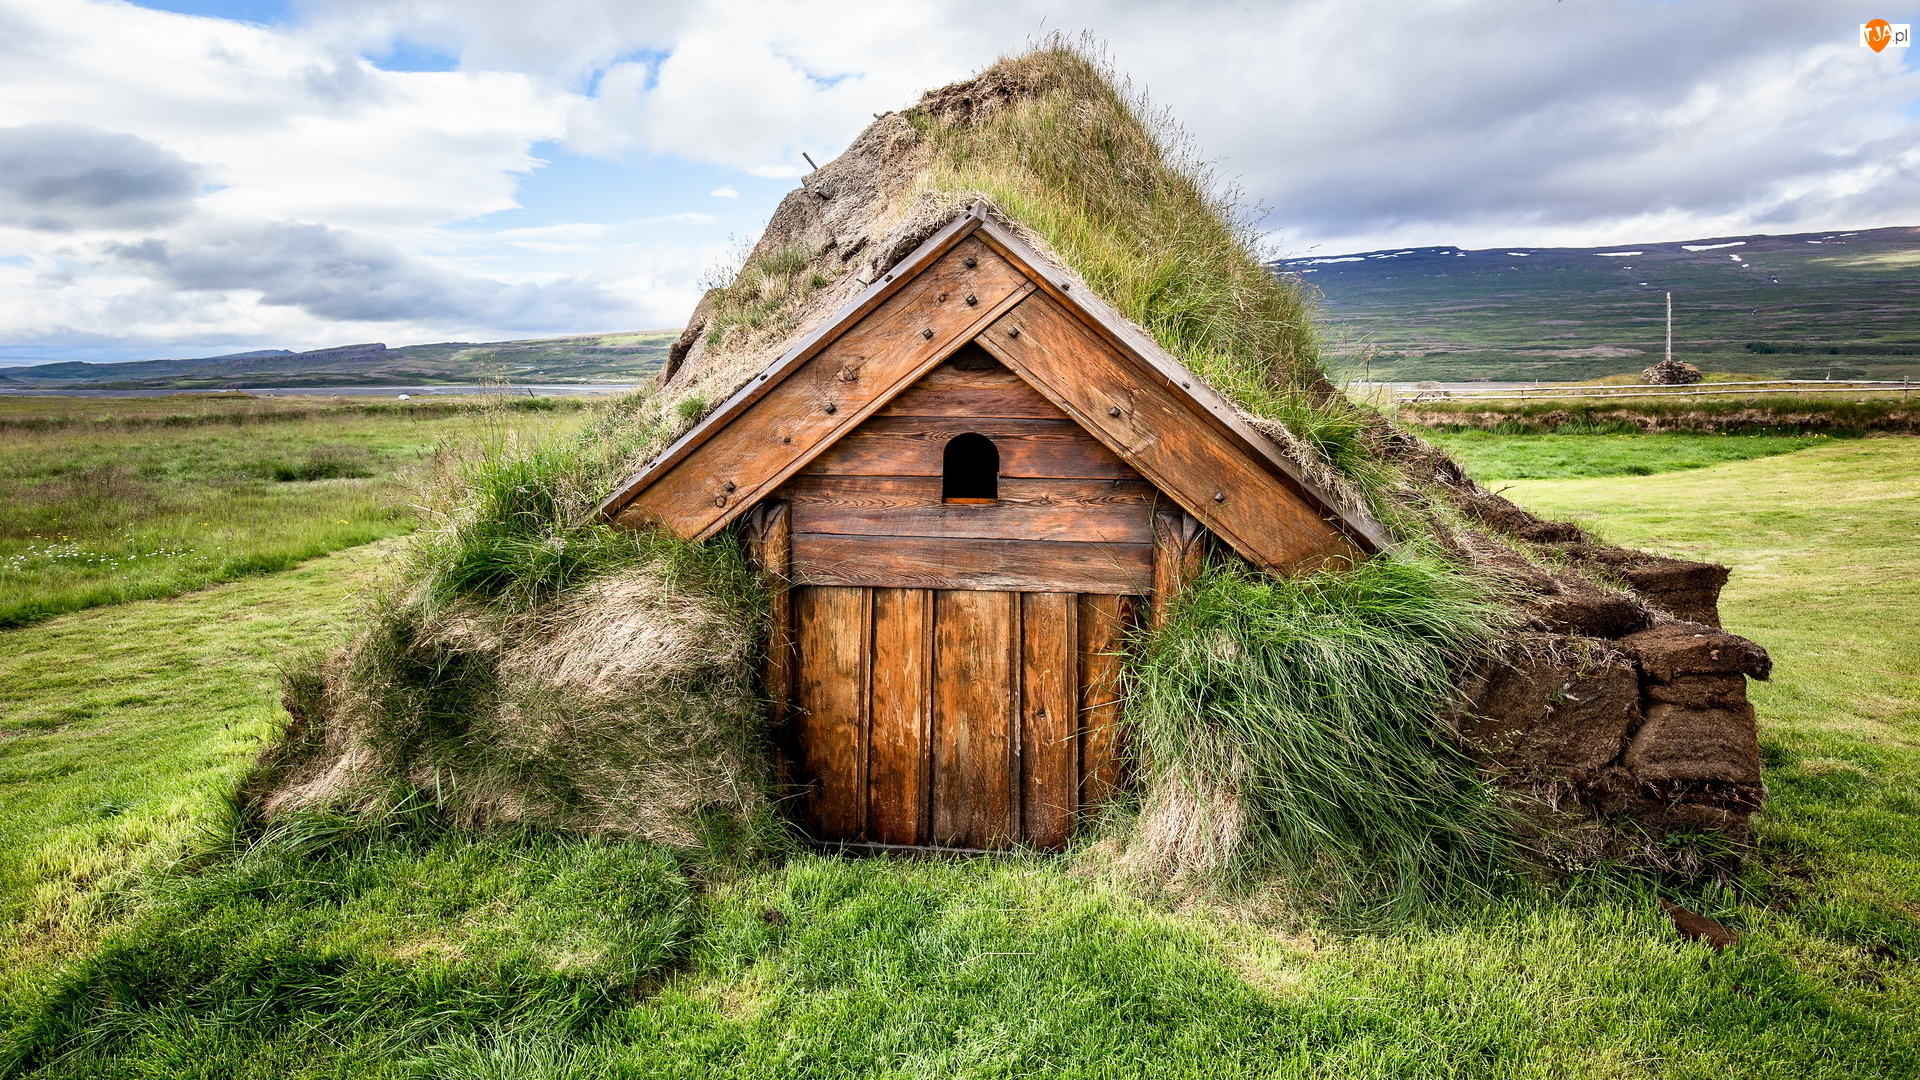 Domek, Murawa, Islandia, Drewniany, Geirsstadir, Trawa, Kamienie